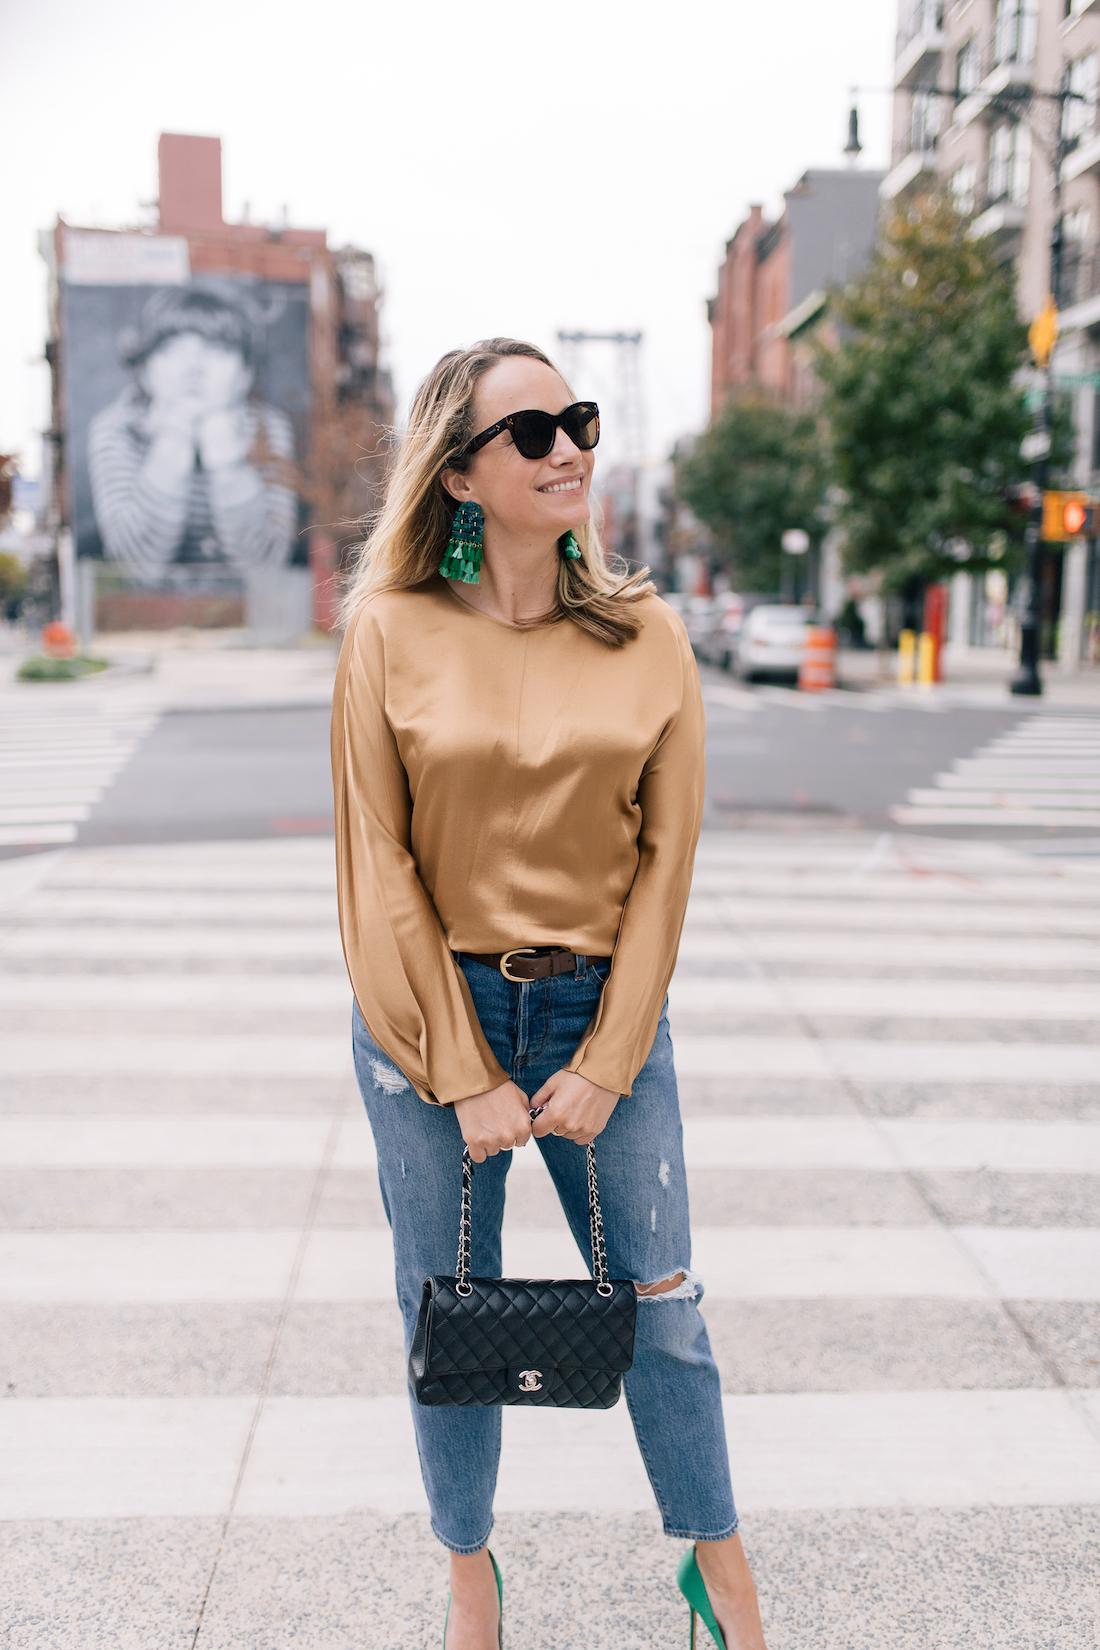 Outfit Details:Levi's Jeans //Vince Blouse  //Tuckernuck Earrings//Polaroid Sunglasses //J.Crew Belt //Chanel Purse